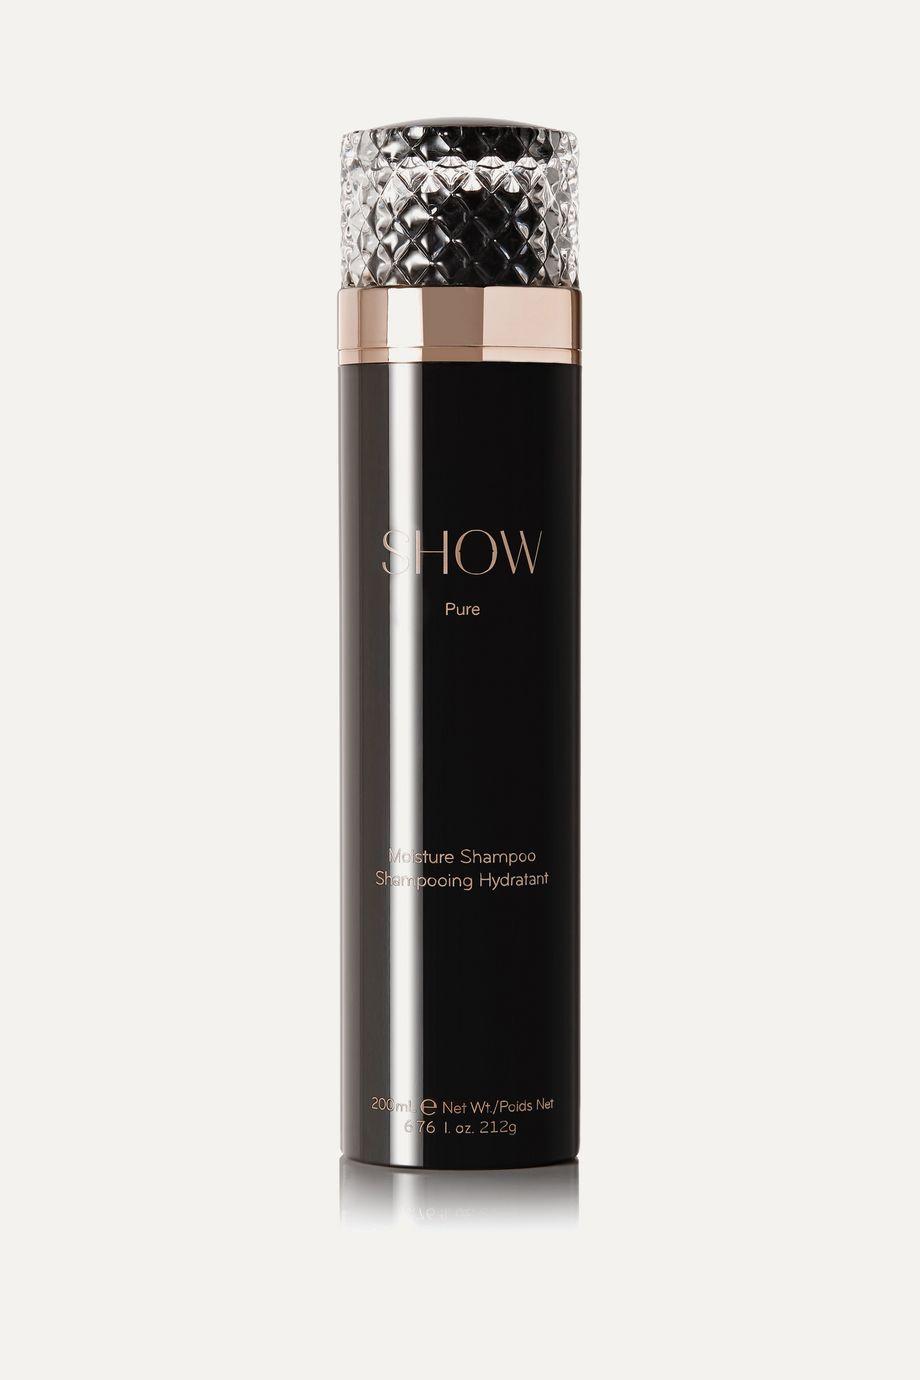 SHOW Beauty Pure Moisture Shampoo, 200ml